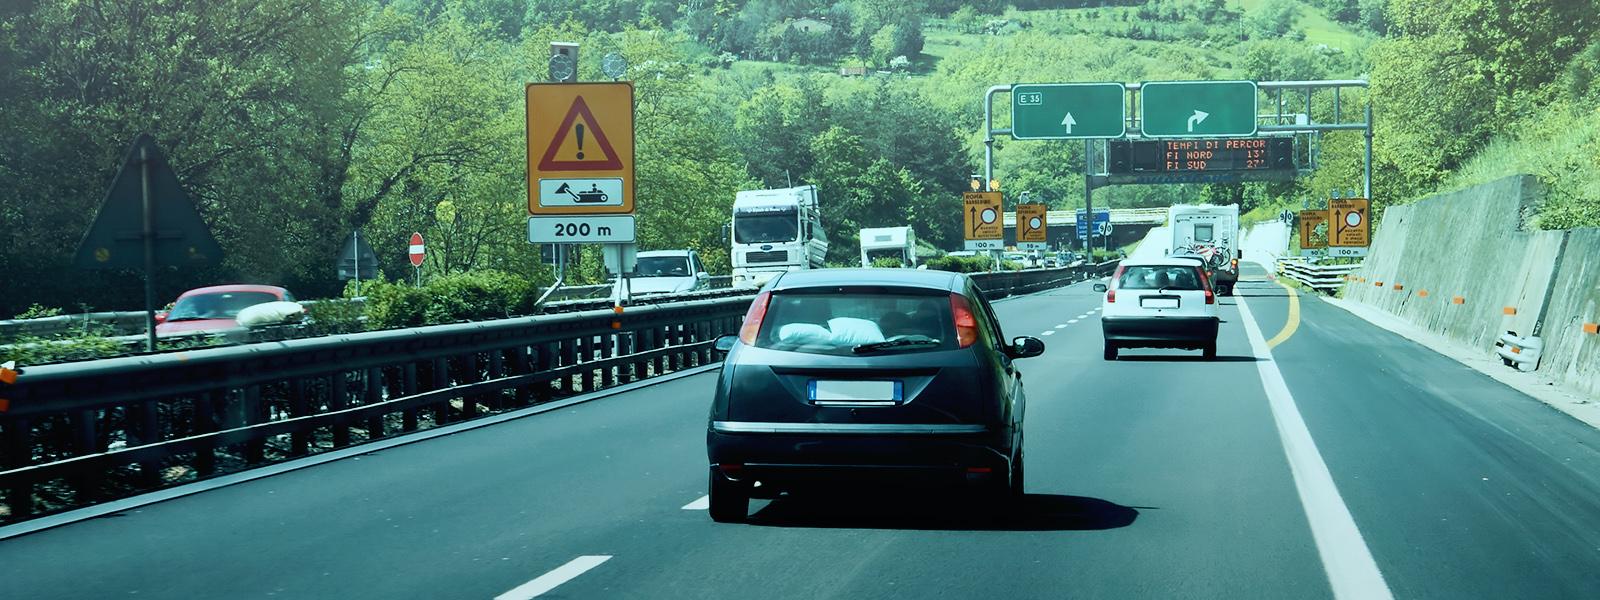 O trânsito na Itália